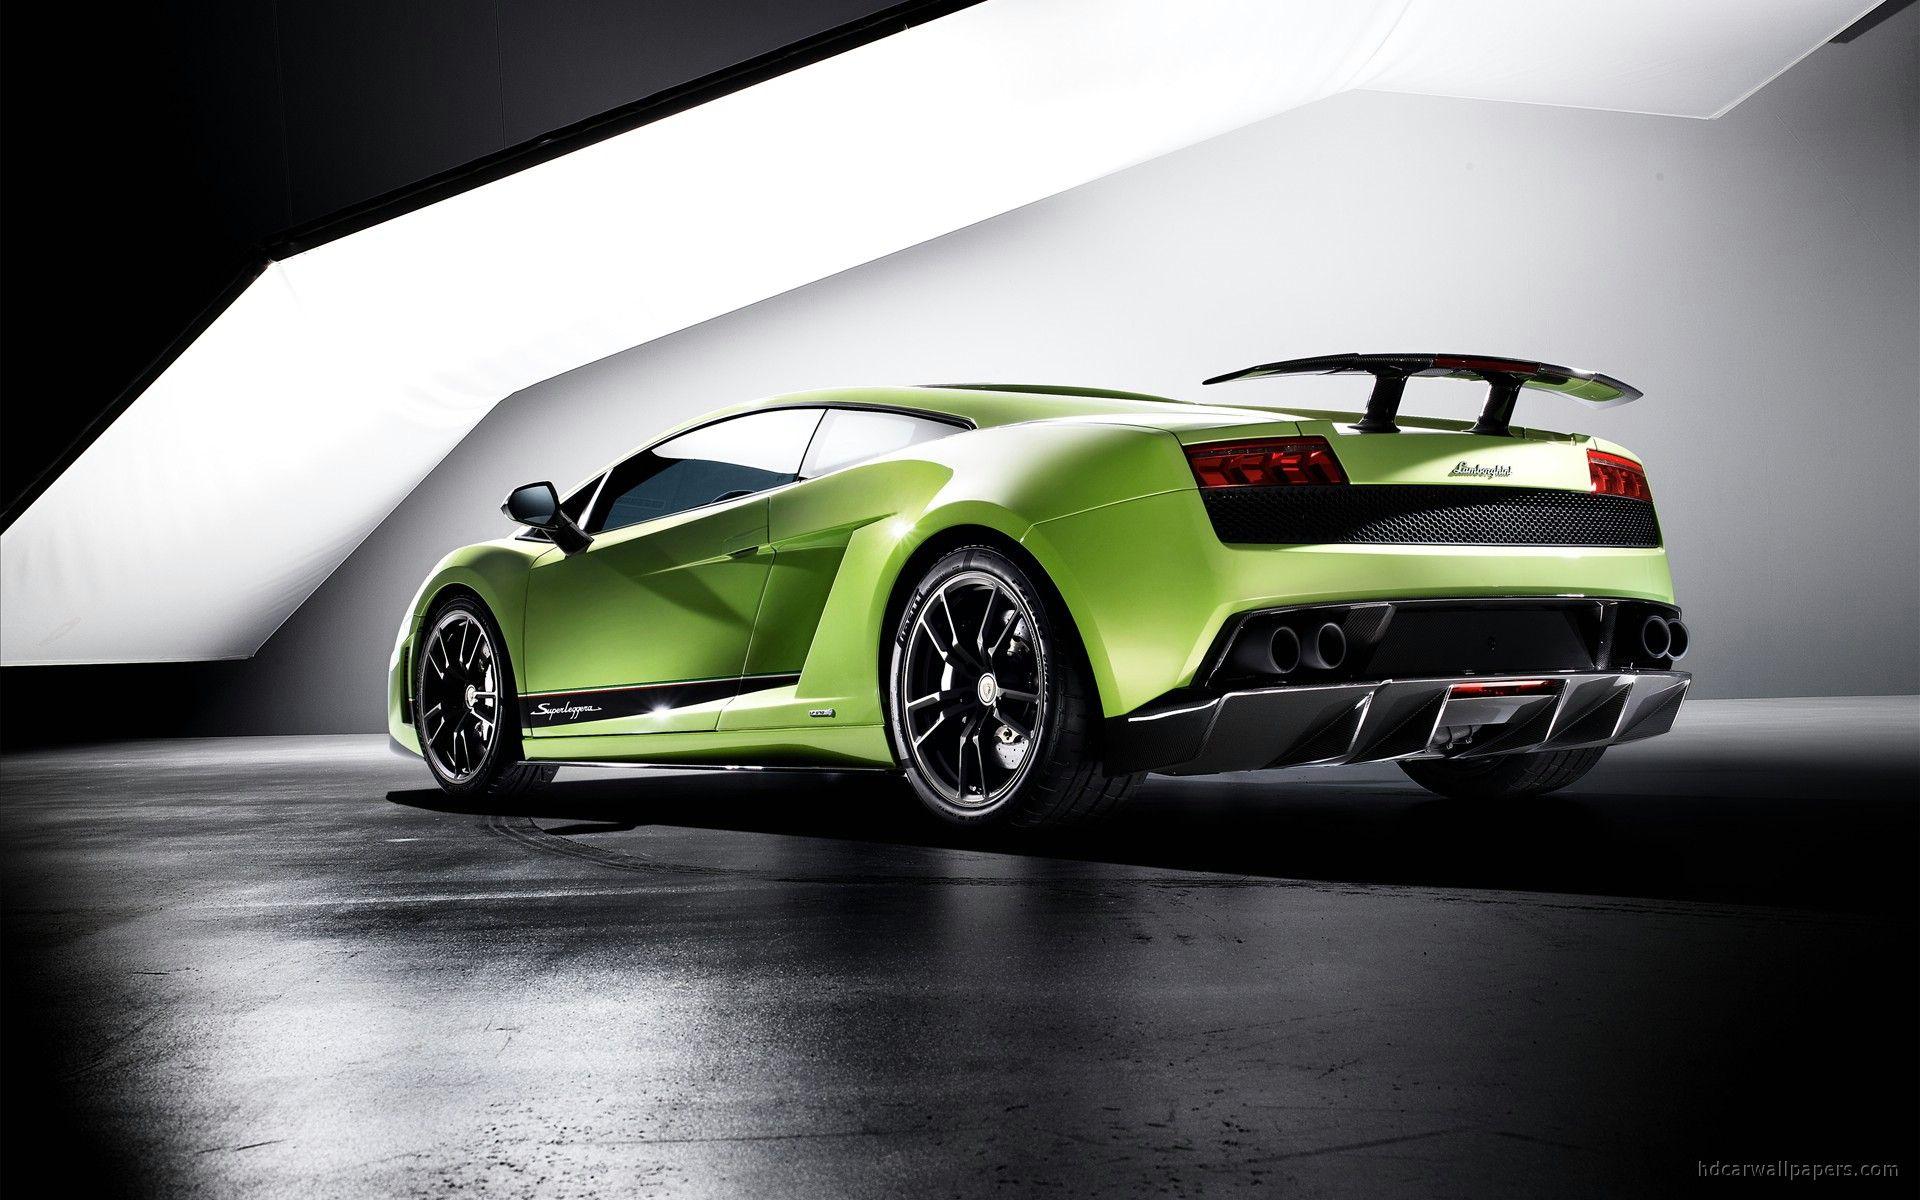 Lamborghini Gallardo Lp Superleggera Wallpaper Hd Modeli Marki